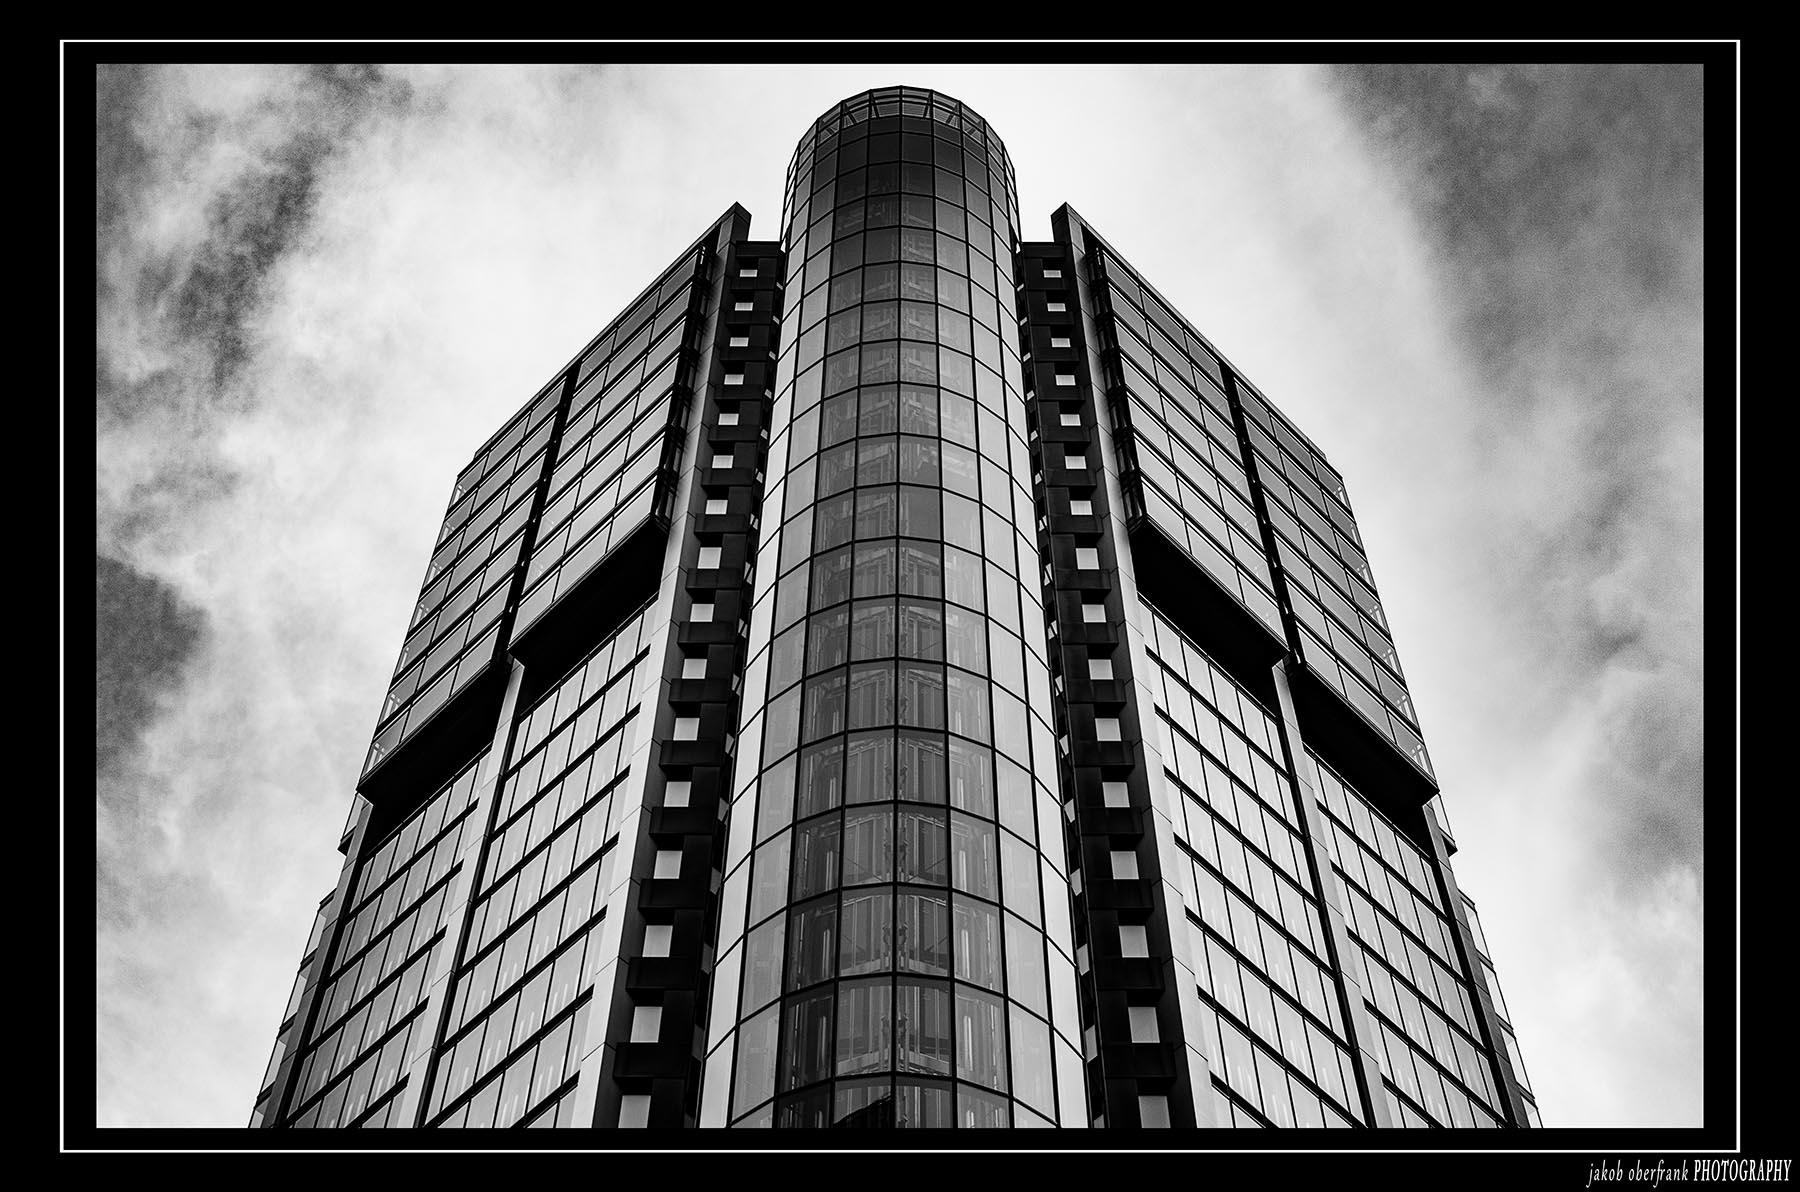 Architektur von frankfurt jakob oberfrank photography for Architektur frankfurt